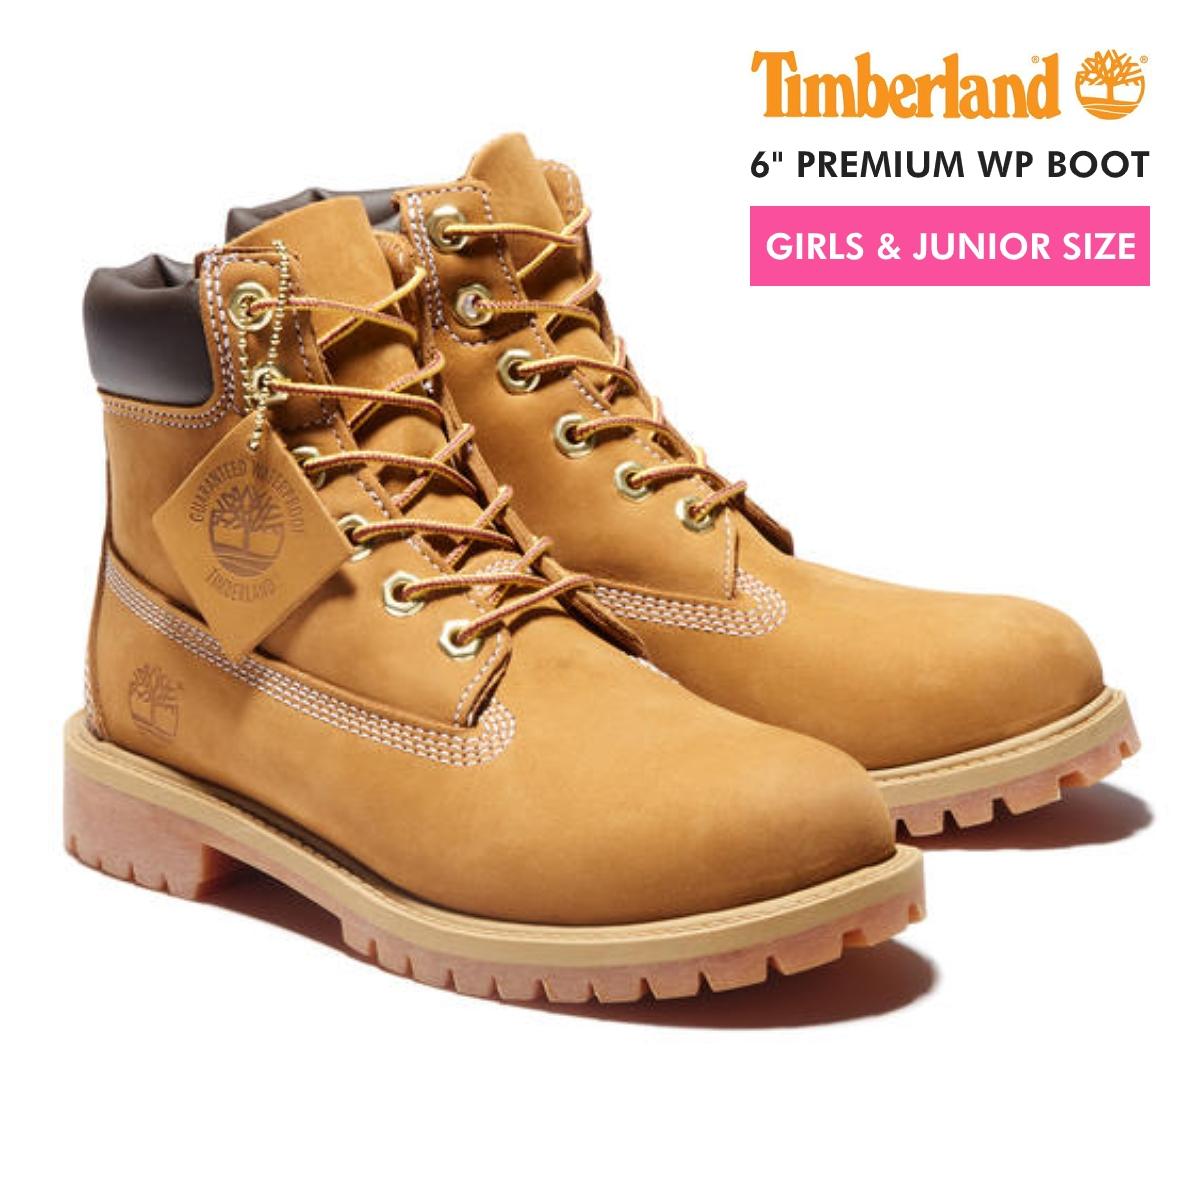 【毎日がお得!値下げプライス】 TIMBERLAND 6inch PREMIUM BOOT ティンバーランド 6インチ プレミアム ブーツ JUNIOR'S WEHAT No.12909 レディース